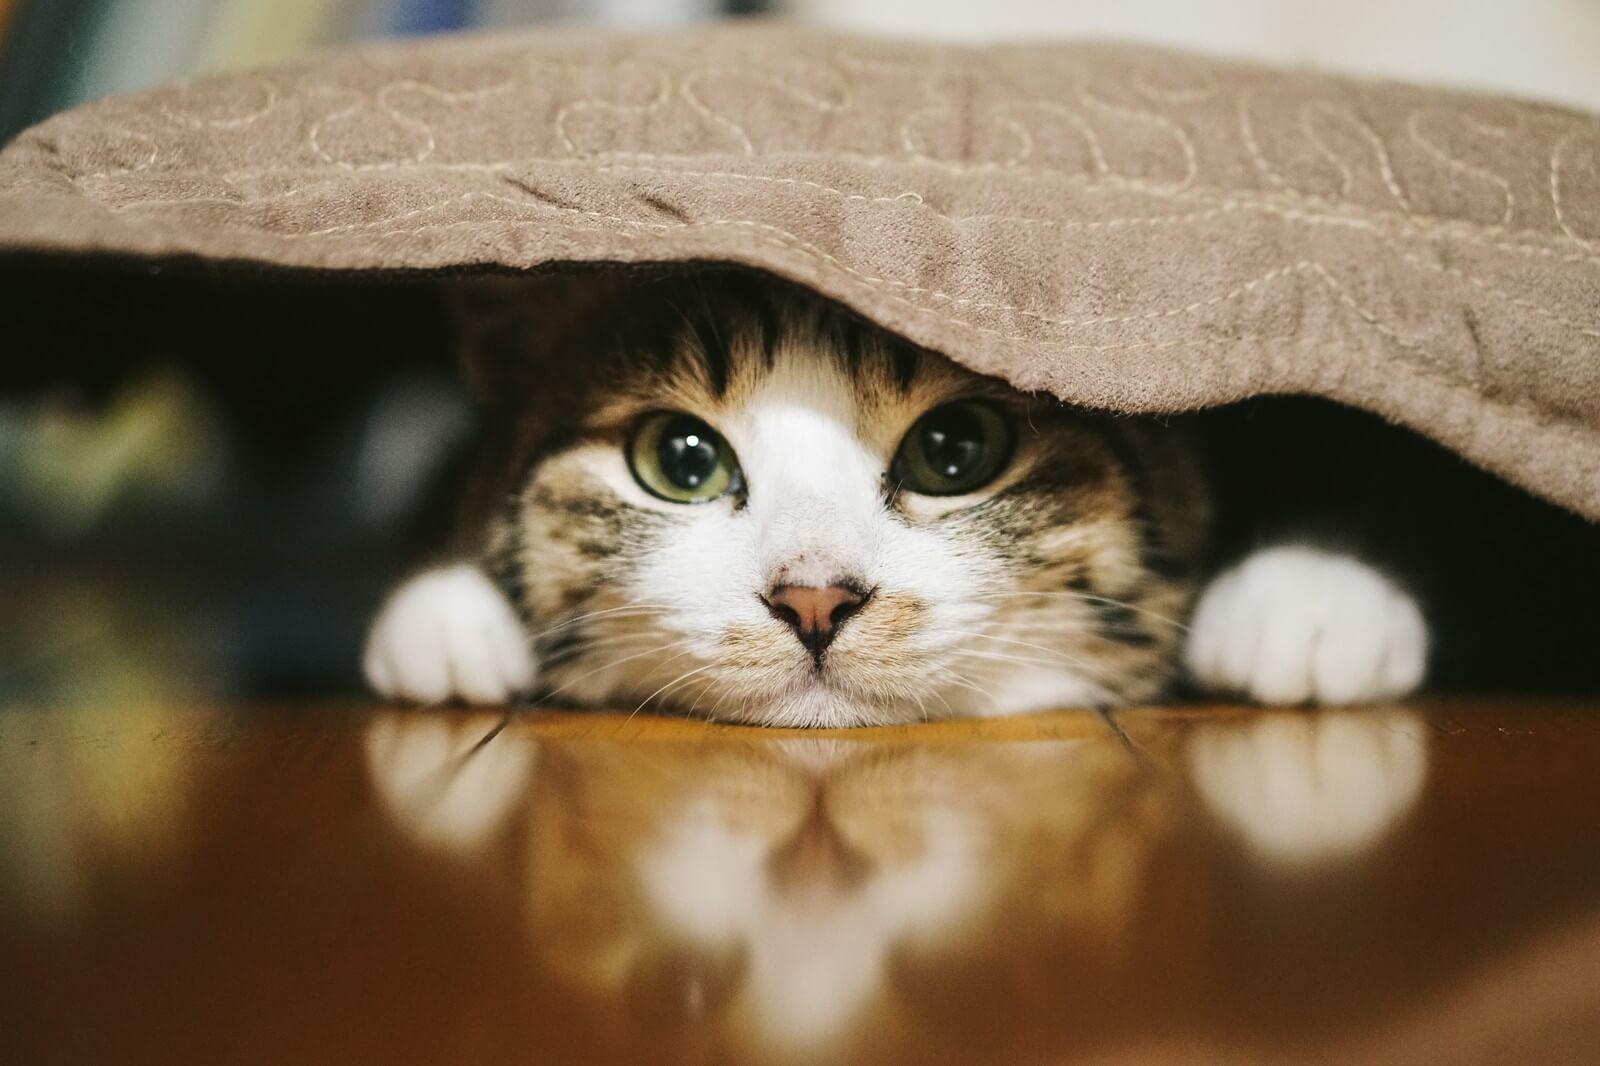 「猫がいてもルンバは使える?」猫飼いさんが不安なこと